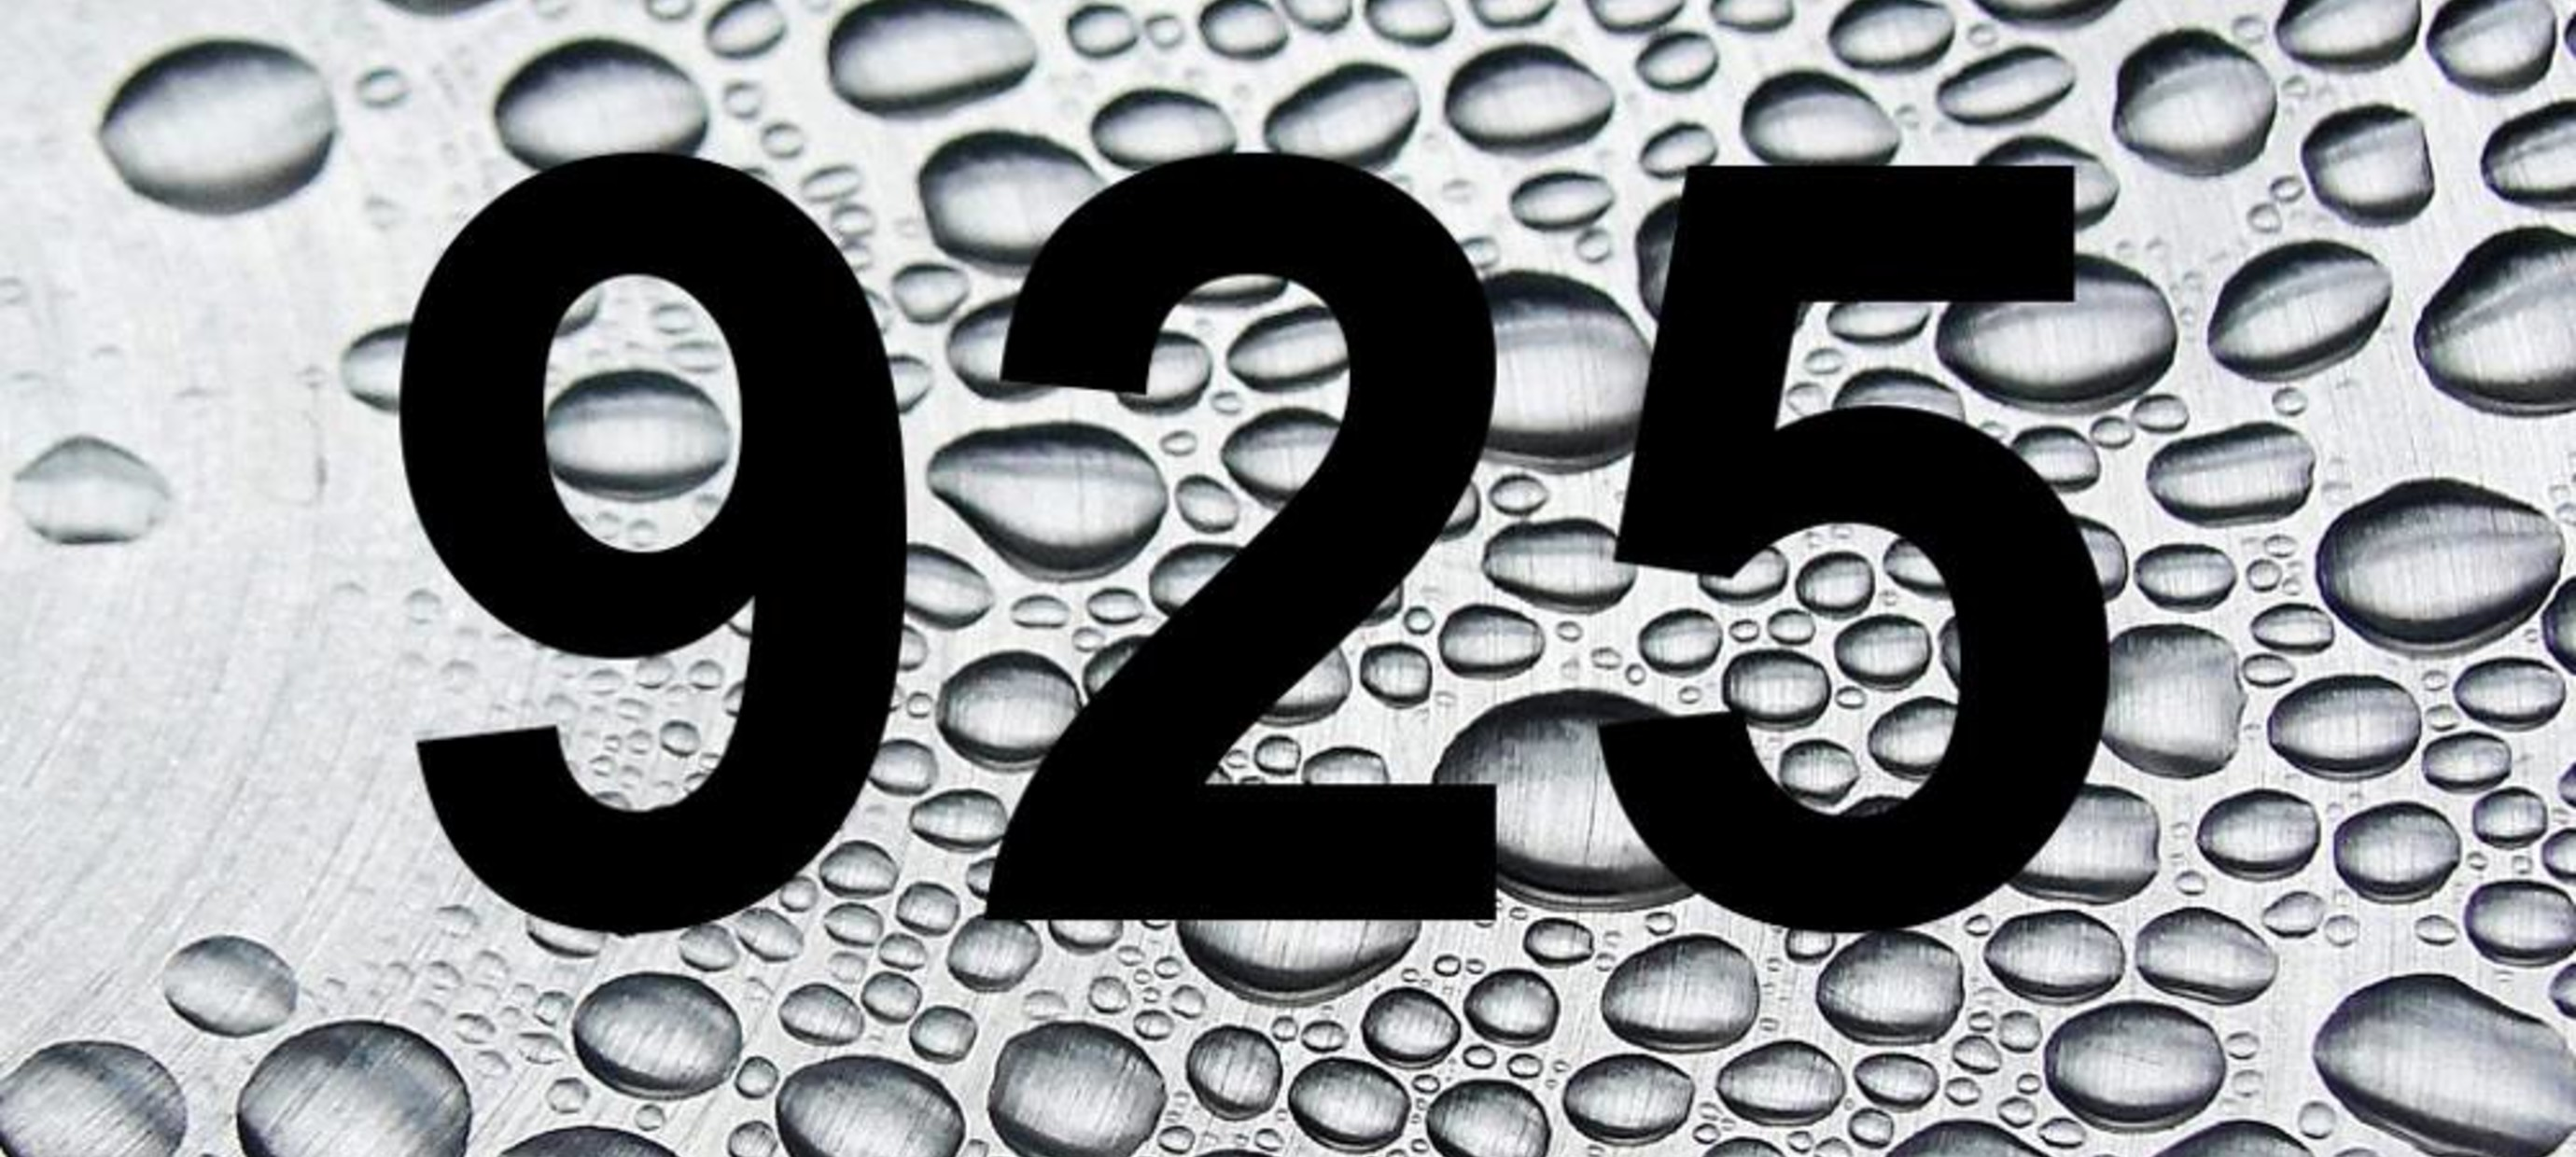 Was ist 925 Silber Schmuck?